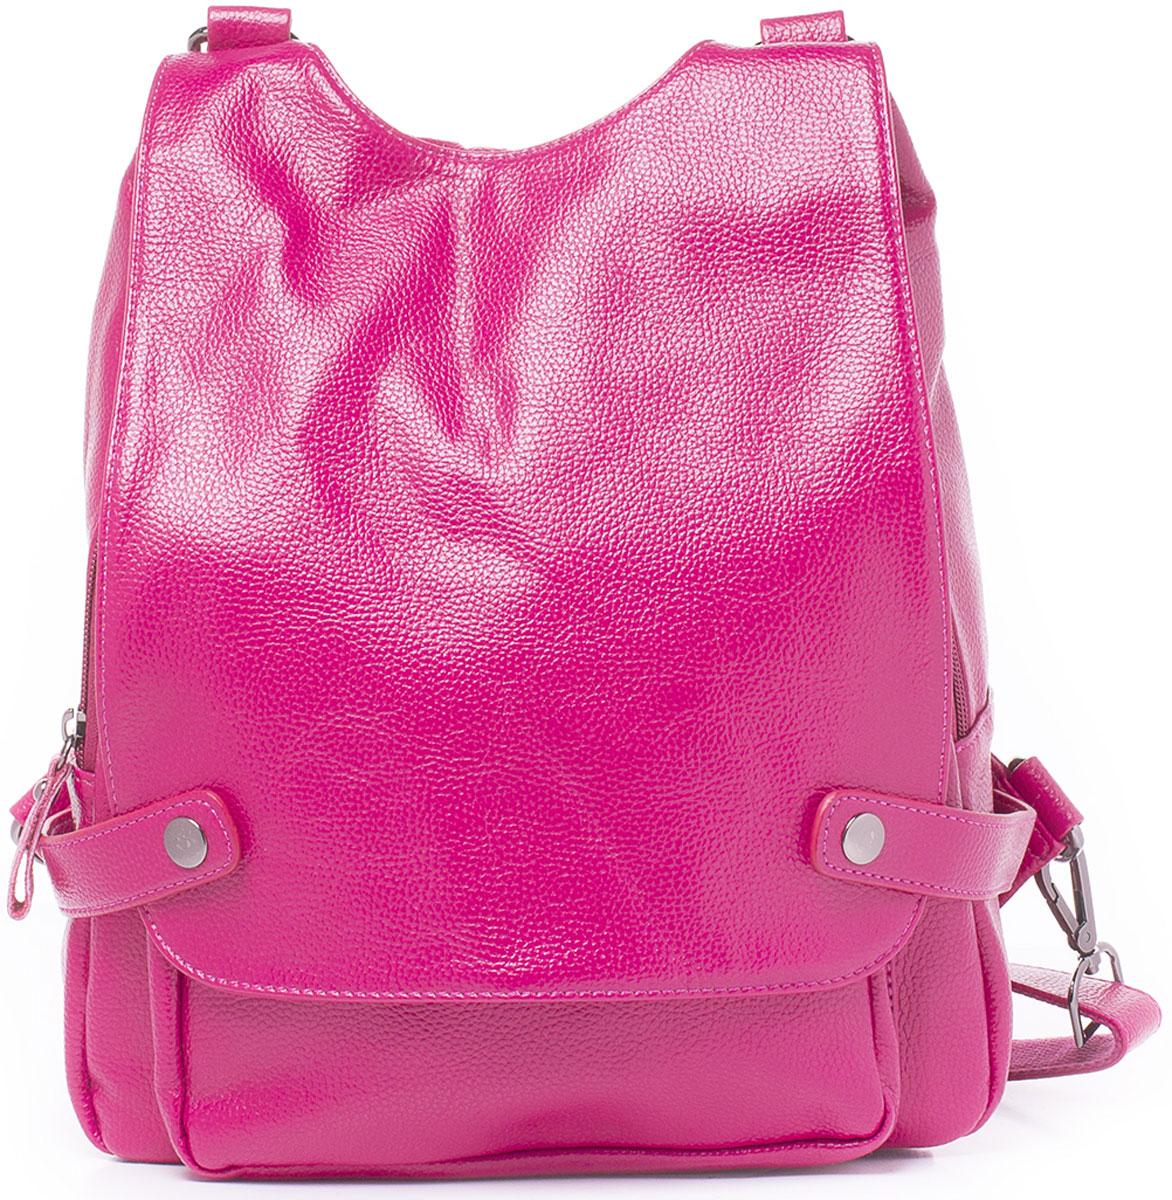 Рюкзак женский Baggini, цвет: фуксия. 29850/6429850/64Многофункциональный рюкзак-трансформер Baggini обрадует вас своей практичностью и уникальностью. Рюкзак имеет две отстежные регулируемые наплечные лямки и одну отстежную ручку, все пристегивается и отстегивается на удобных карабинах. Благодаря этому, по вашему желанию, рюкзак может превращаться в сумку. Все передние карманы и отделения рюкзака надежно защищены от нежелательного проникновения большой пристегивающейся на кнопки крышкой. Под крышкой находится один вместительный накладной наружный карман на магнитной кнопке и главное отделение на застежке-молнии. Внутри отделения имеются два накладных кармашка для телефона или мелочей, один прорезной карман на застежке-молнии, карман-разделитель, так же на молнии, и накладной карман за ним. Снаружи рюкзака так же имеется один вертикальный прорезной карман на застежке-молнии, он находится на спинке изделия. Изделие исполнено из высококачественной экокожи. Обе отстежные лямки и ручка прилагаются.